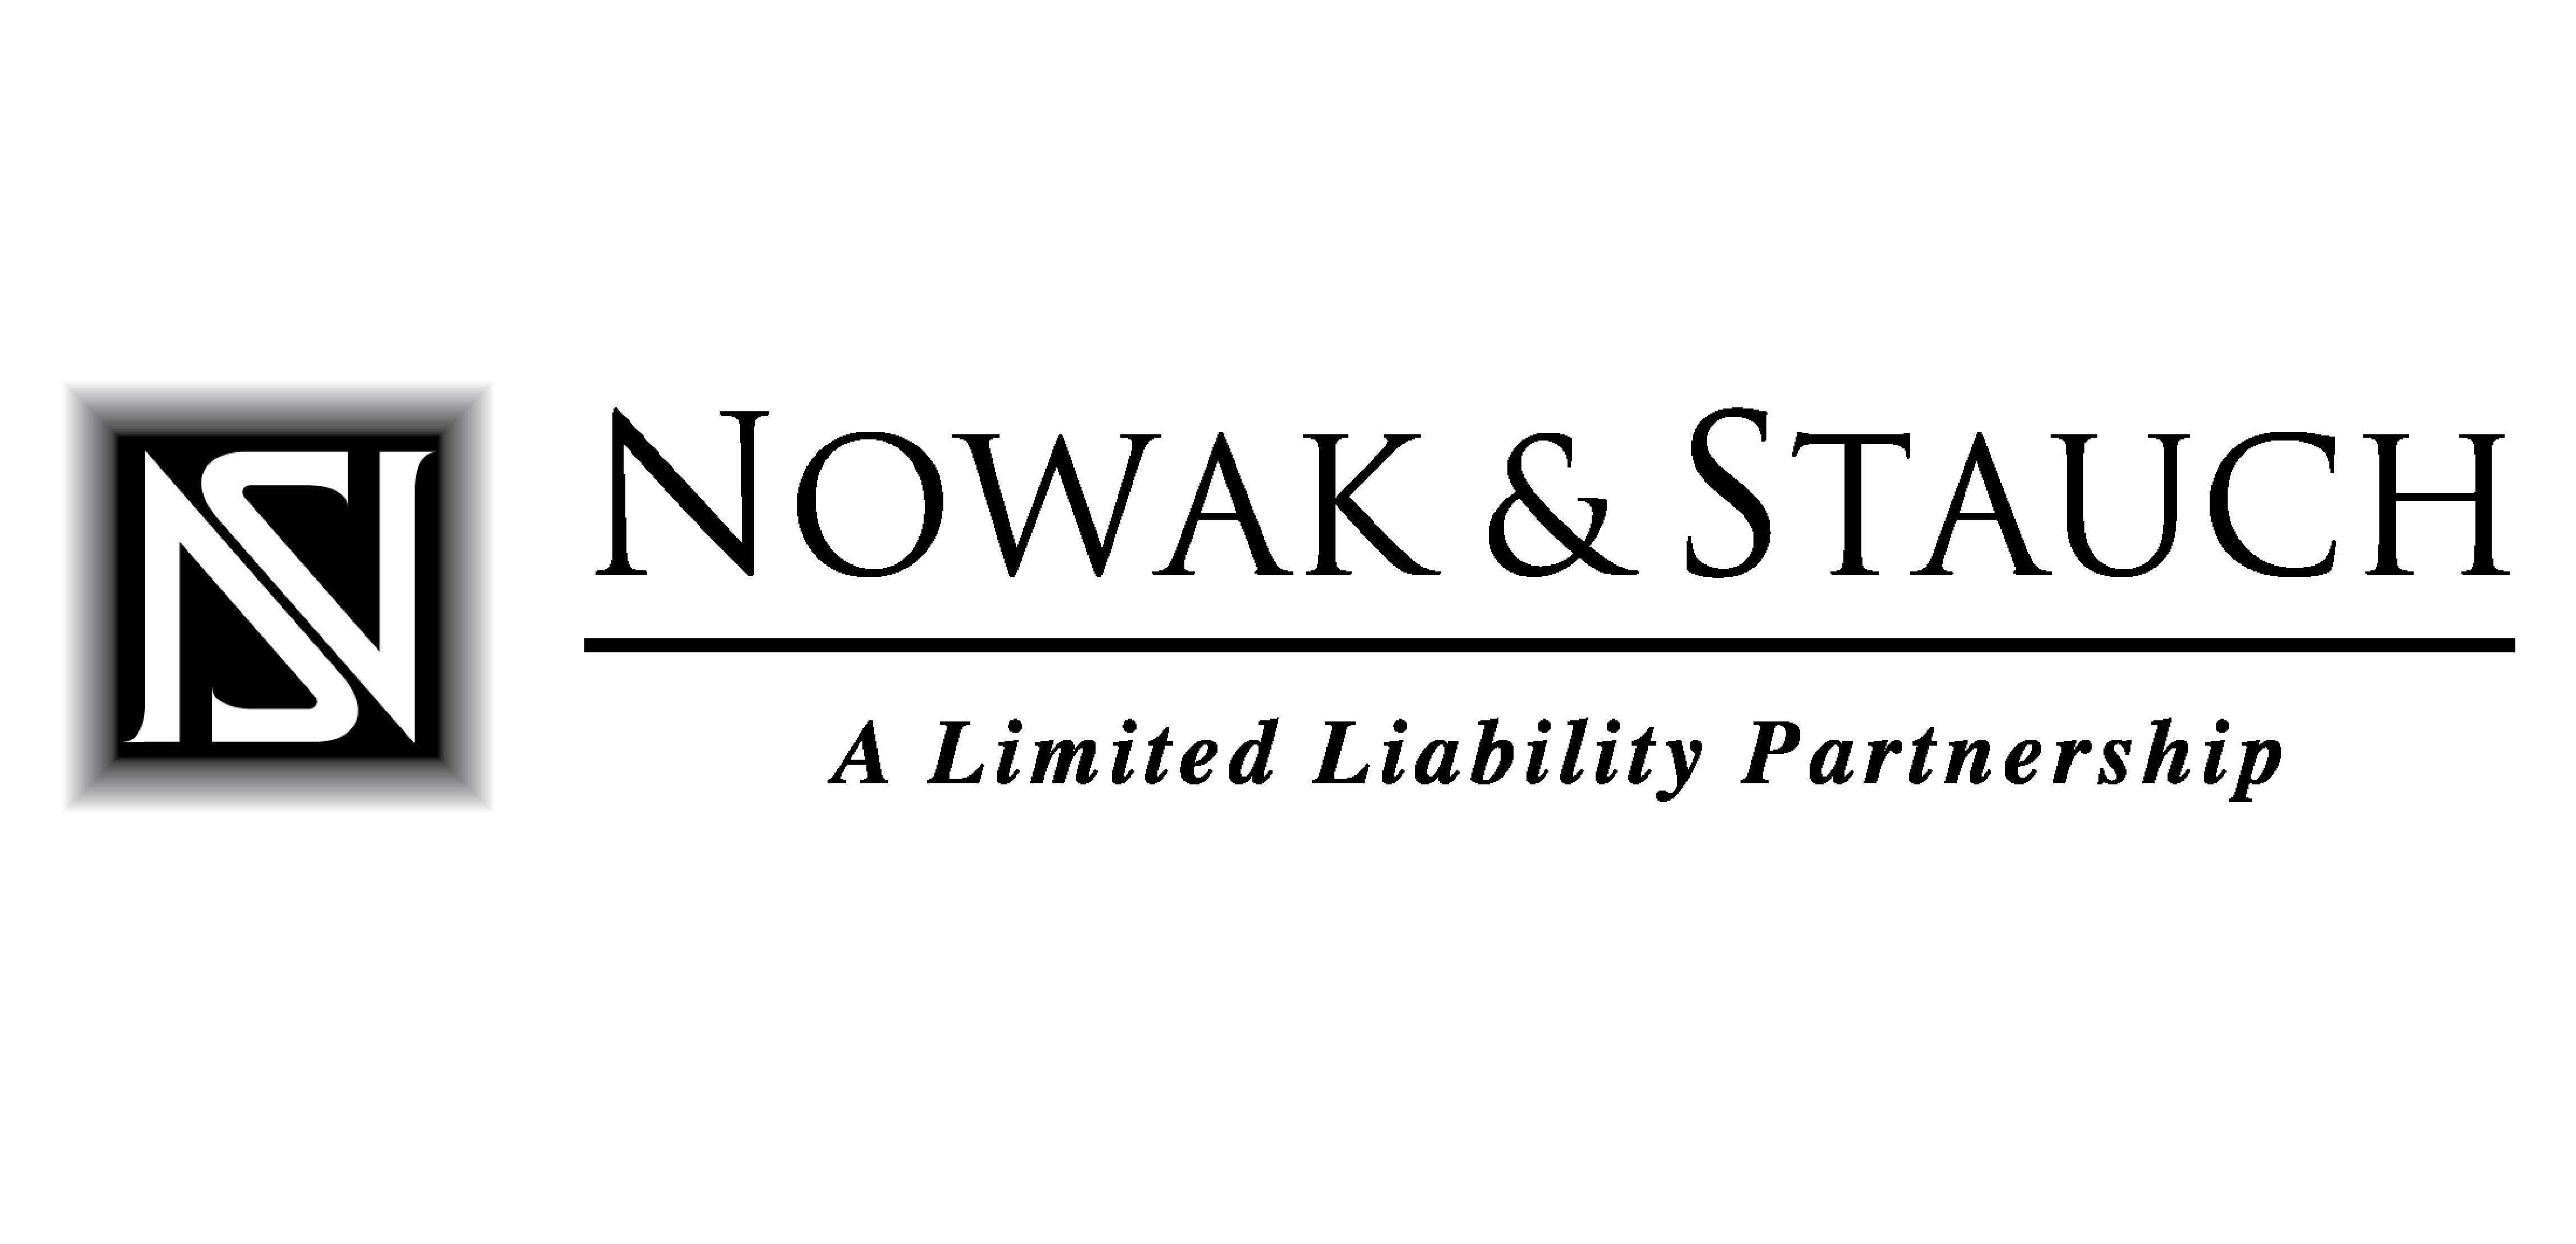 7057d9ed c9c8 4b0a b603 0b18b8602d5b